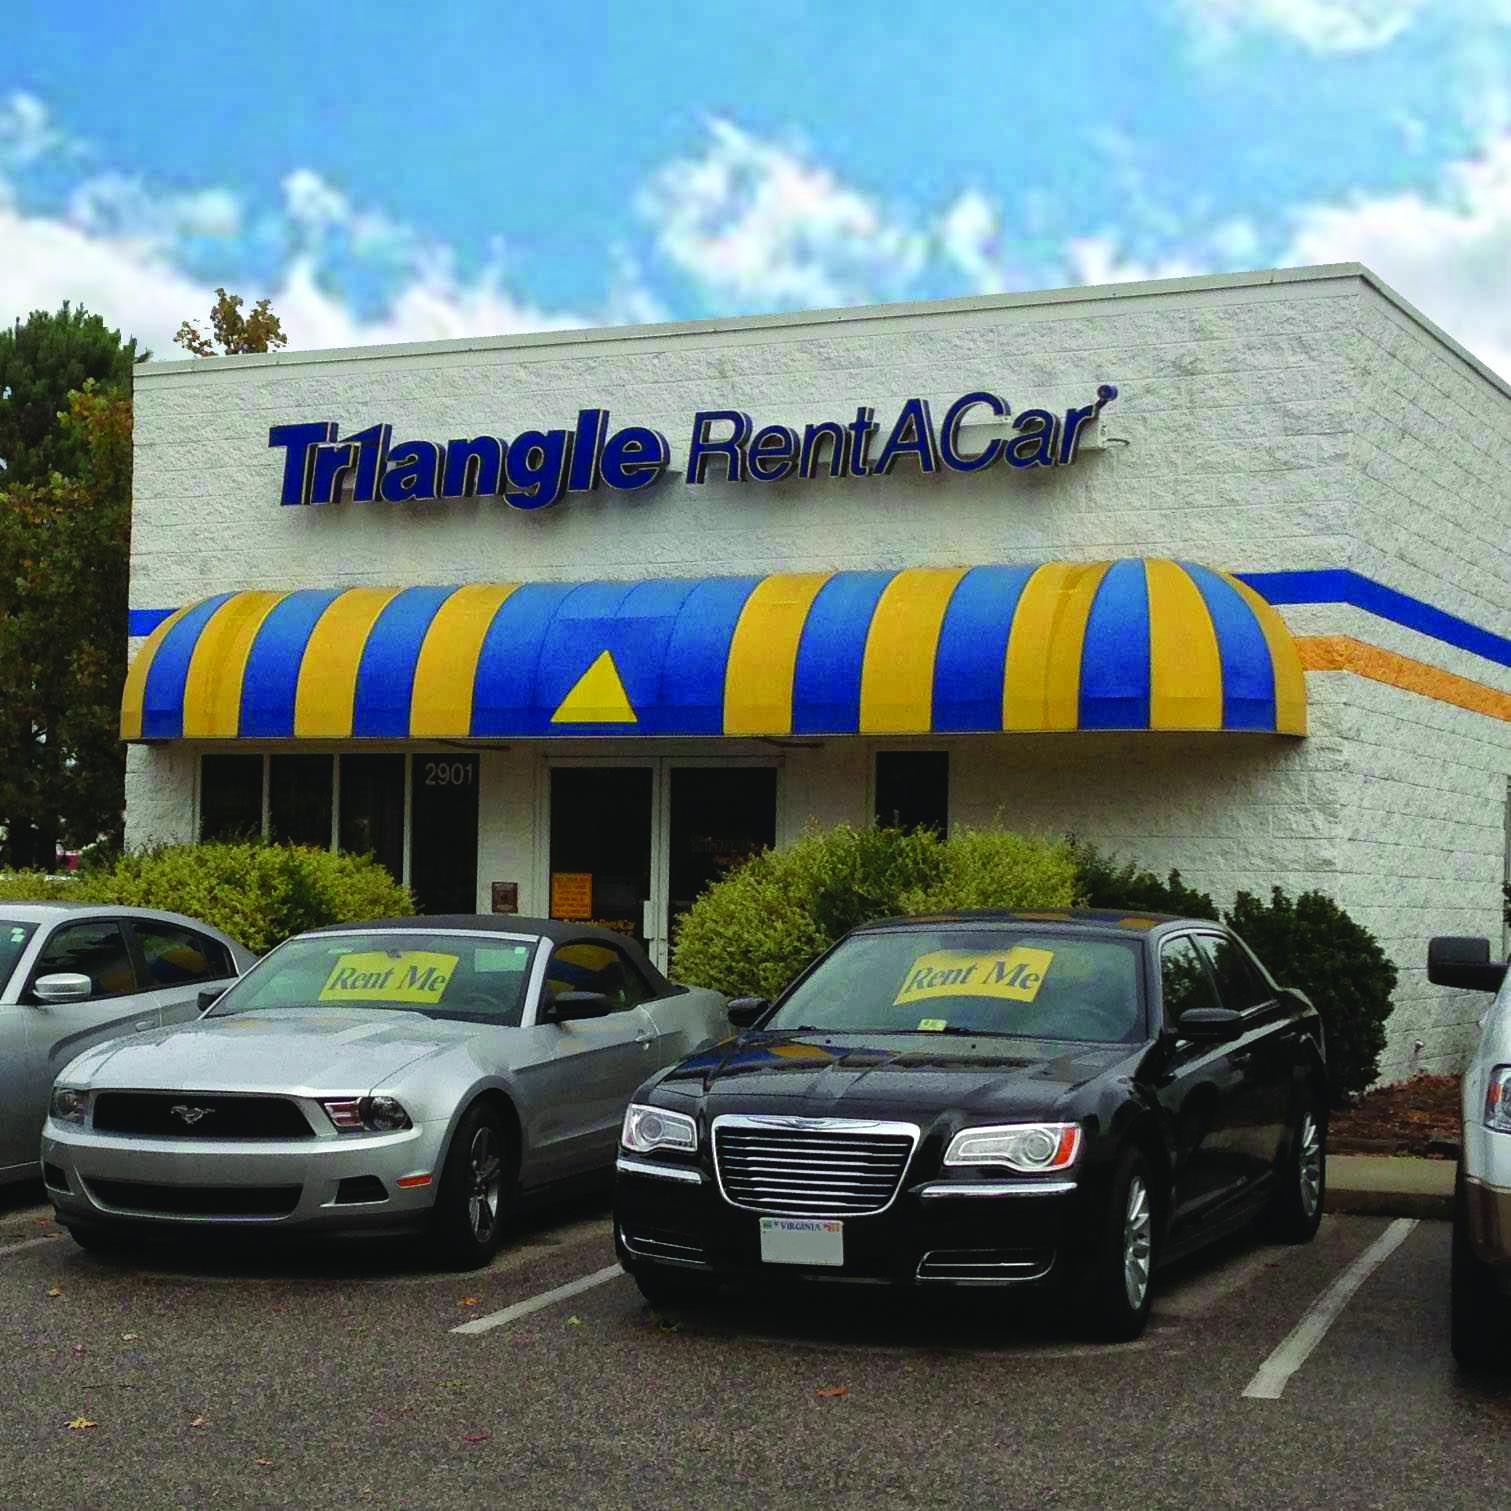 Enterprise Rent A Car Home: Enterprise Acquires Triangle Rent A Car